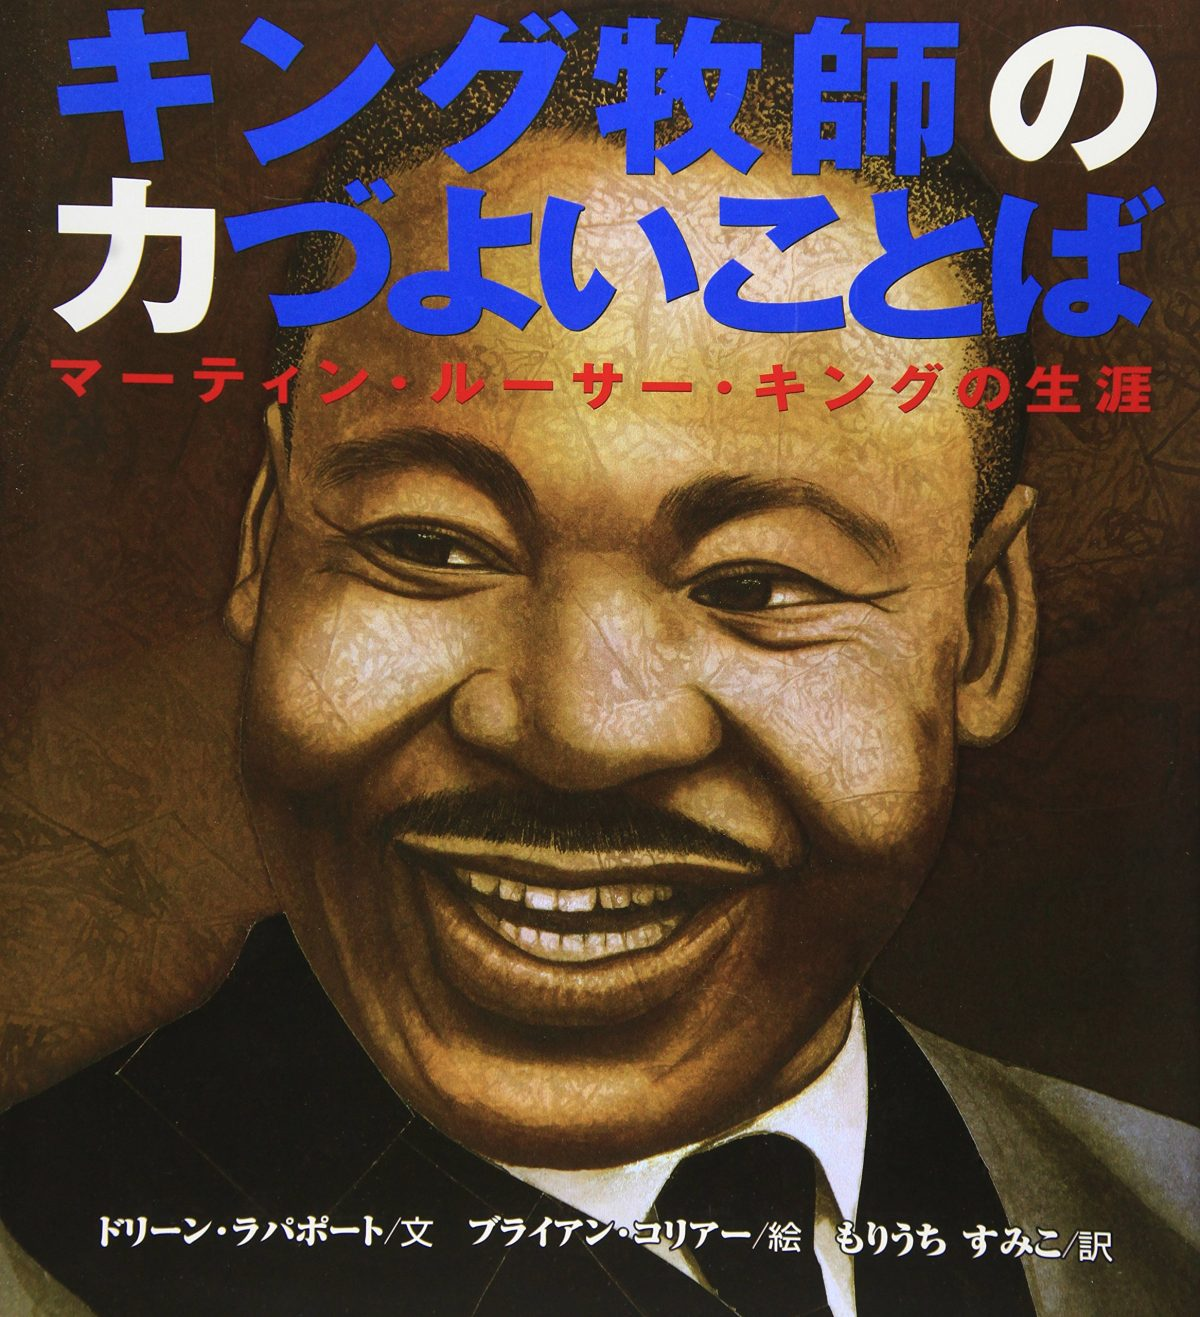 絵本「キング牧師の力づよいことば M・ルーサー・キングの生涯」の表紙